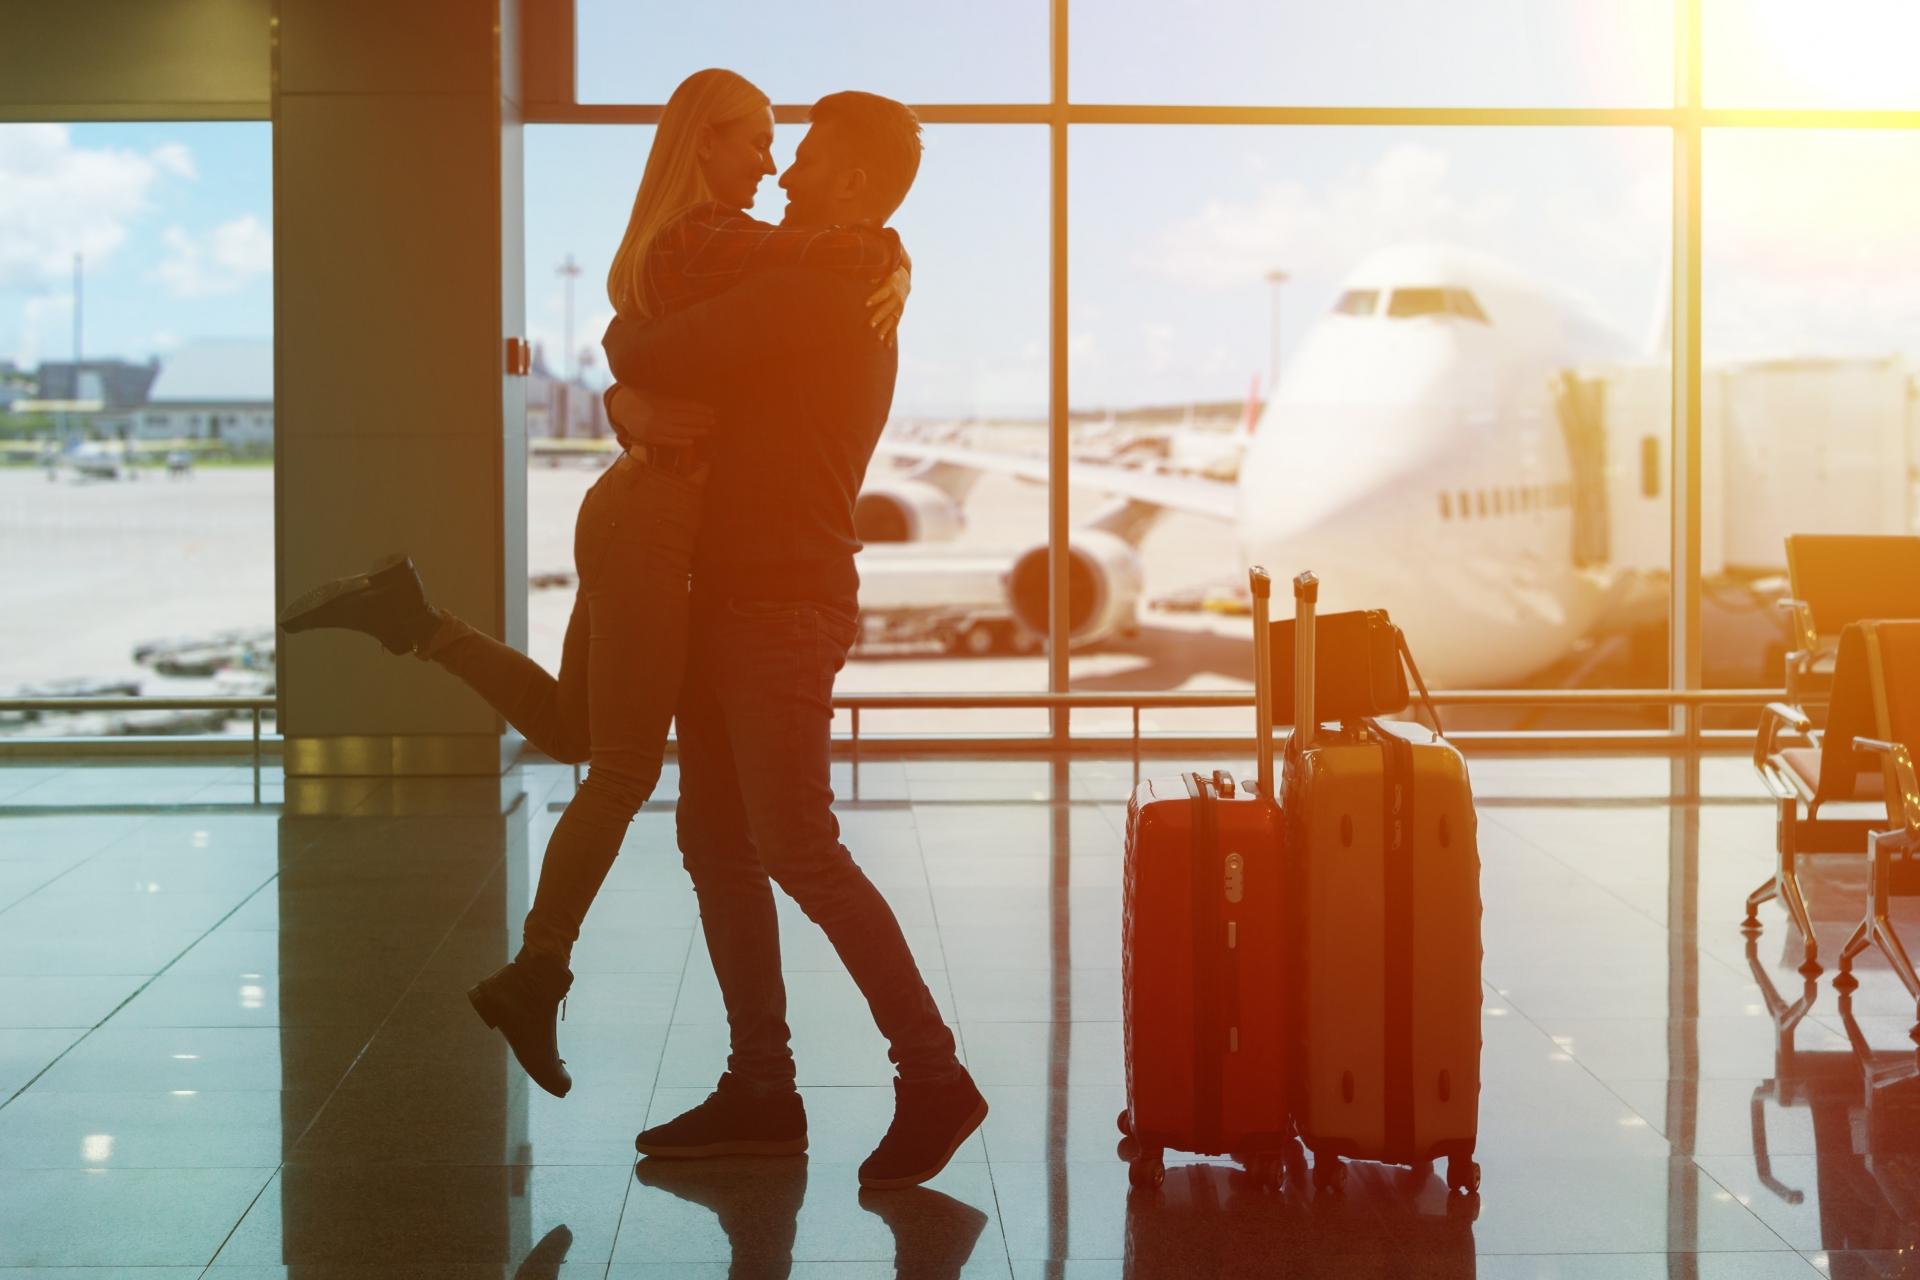 空港で出迎えをしてくれる彼氏は理想の相手だから大切にしよう